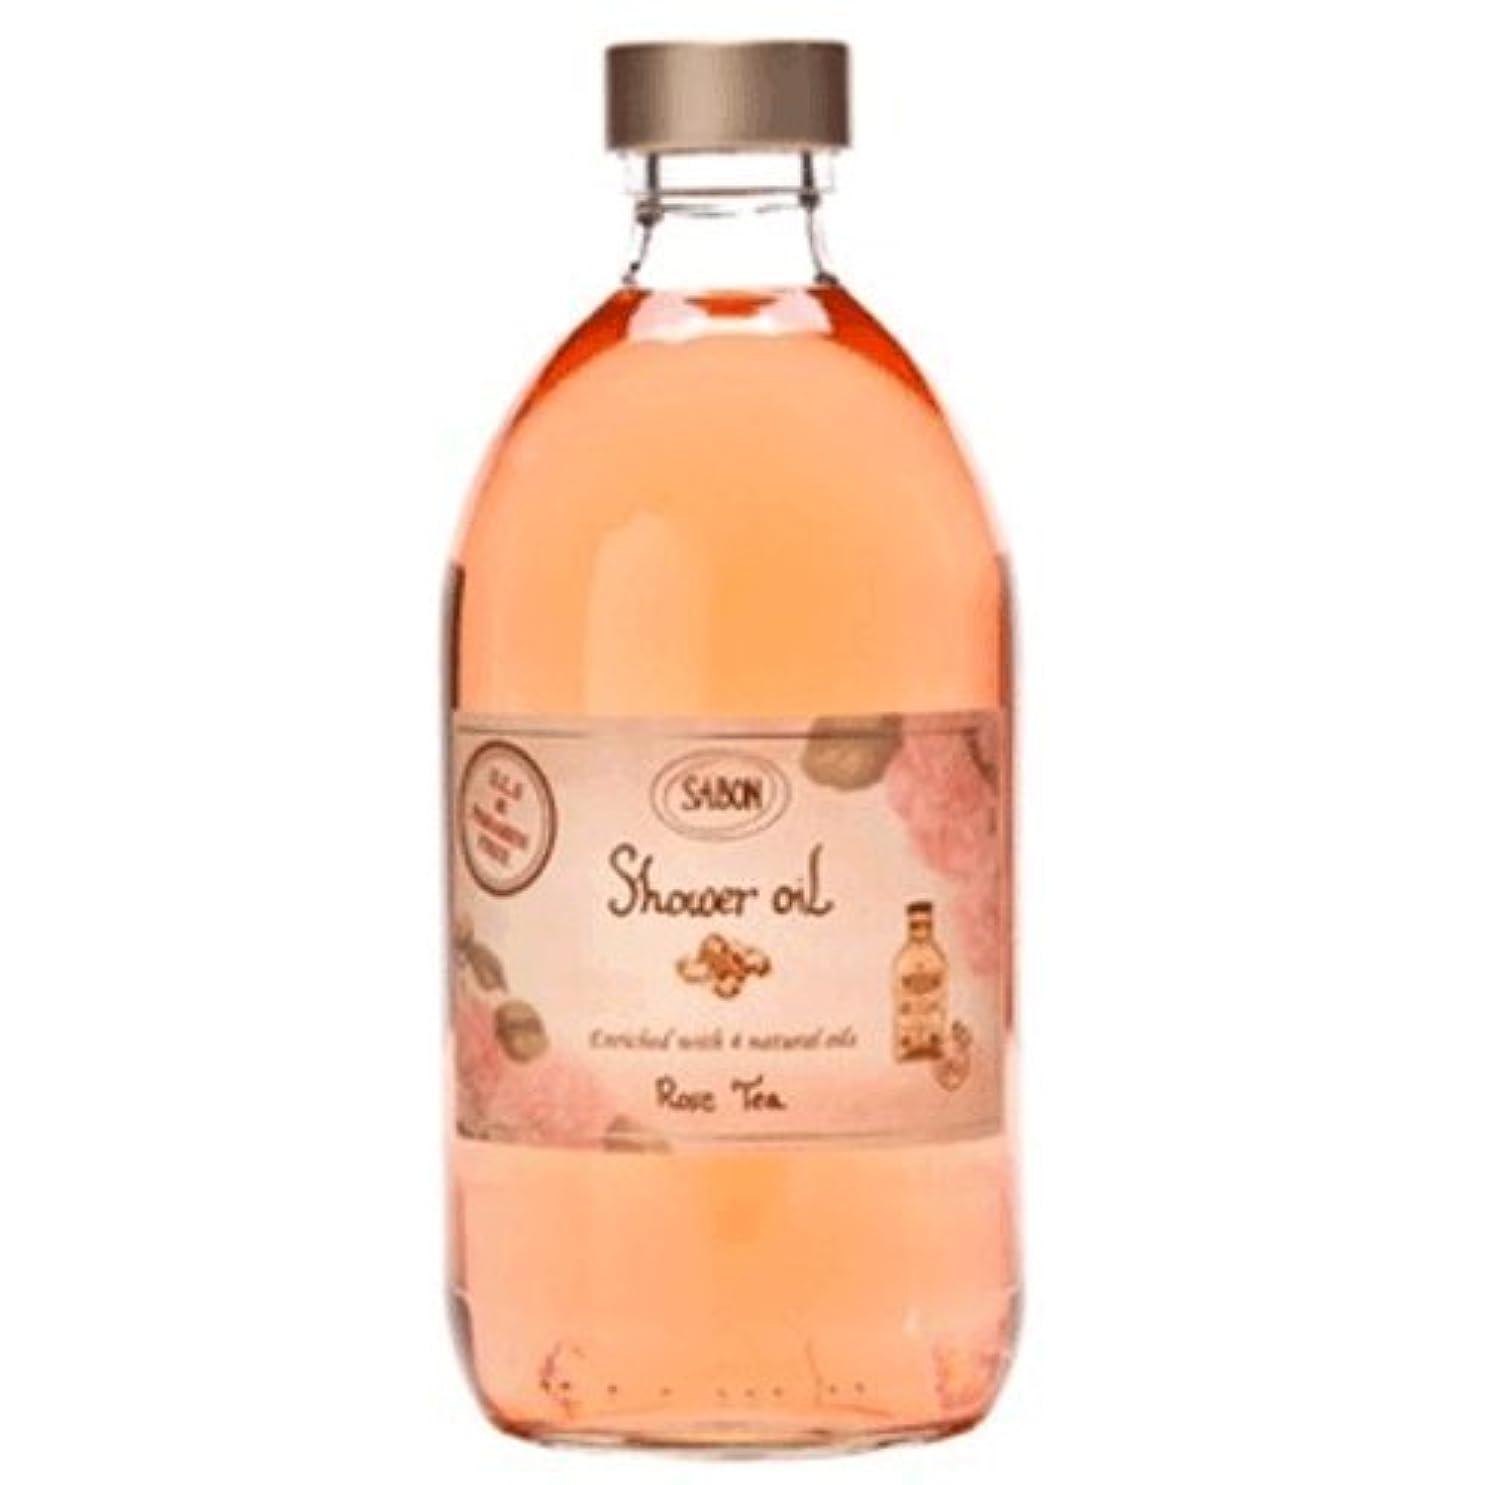 関連する等々メロン【サボン】シャワーオイル ローズティー(Rose Tea) ポンプ付き 500ml